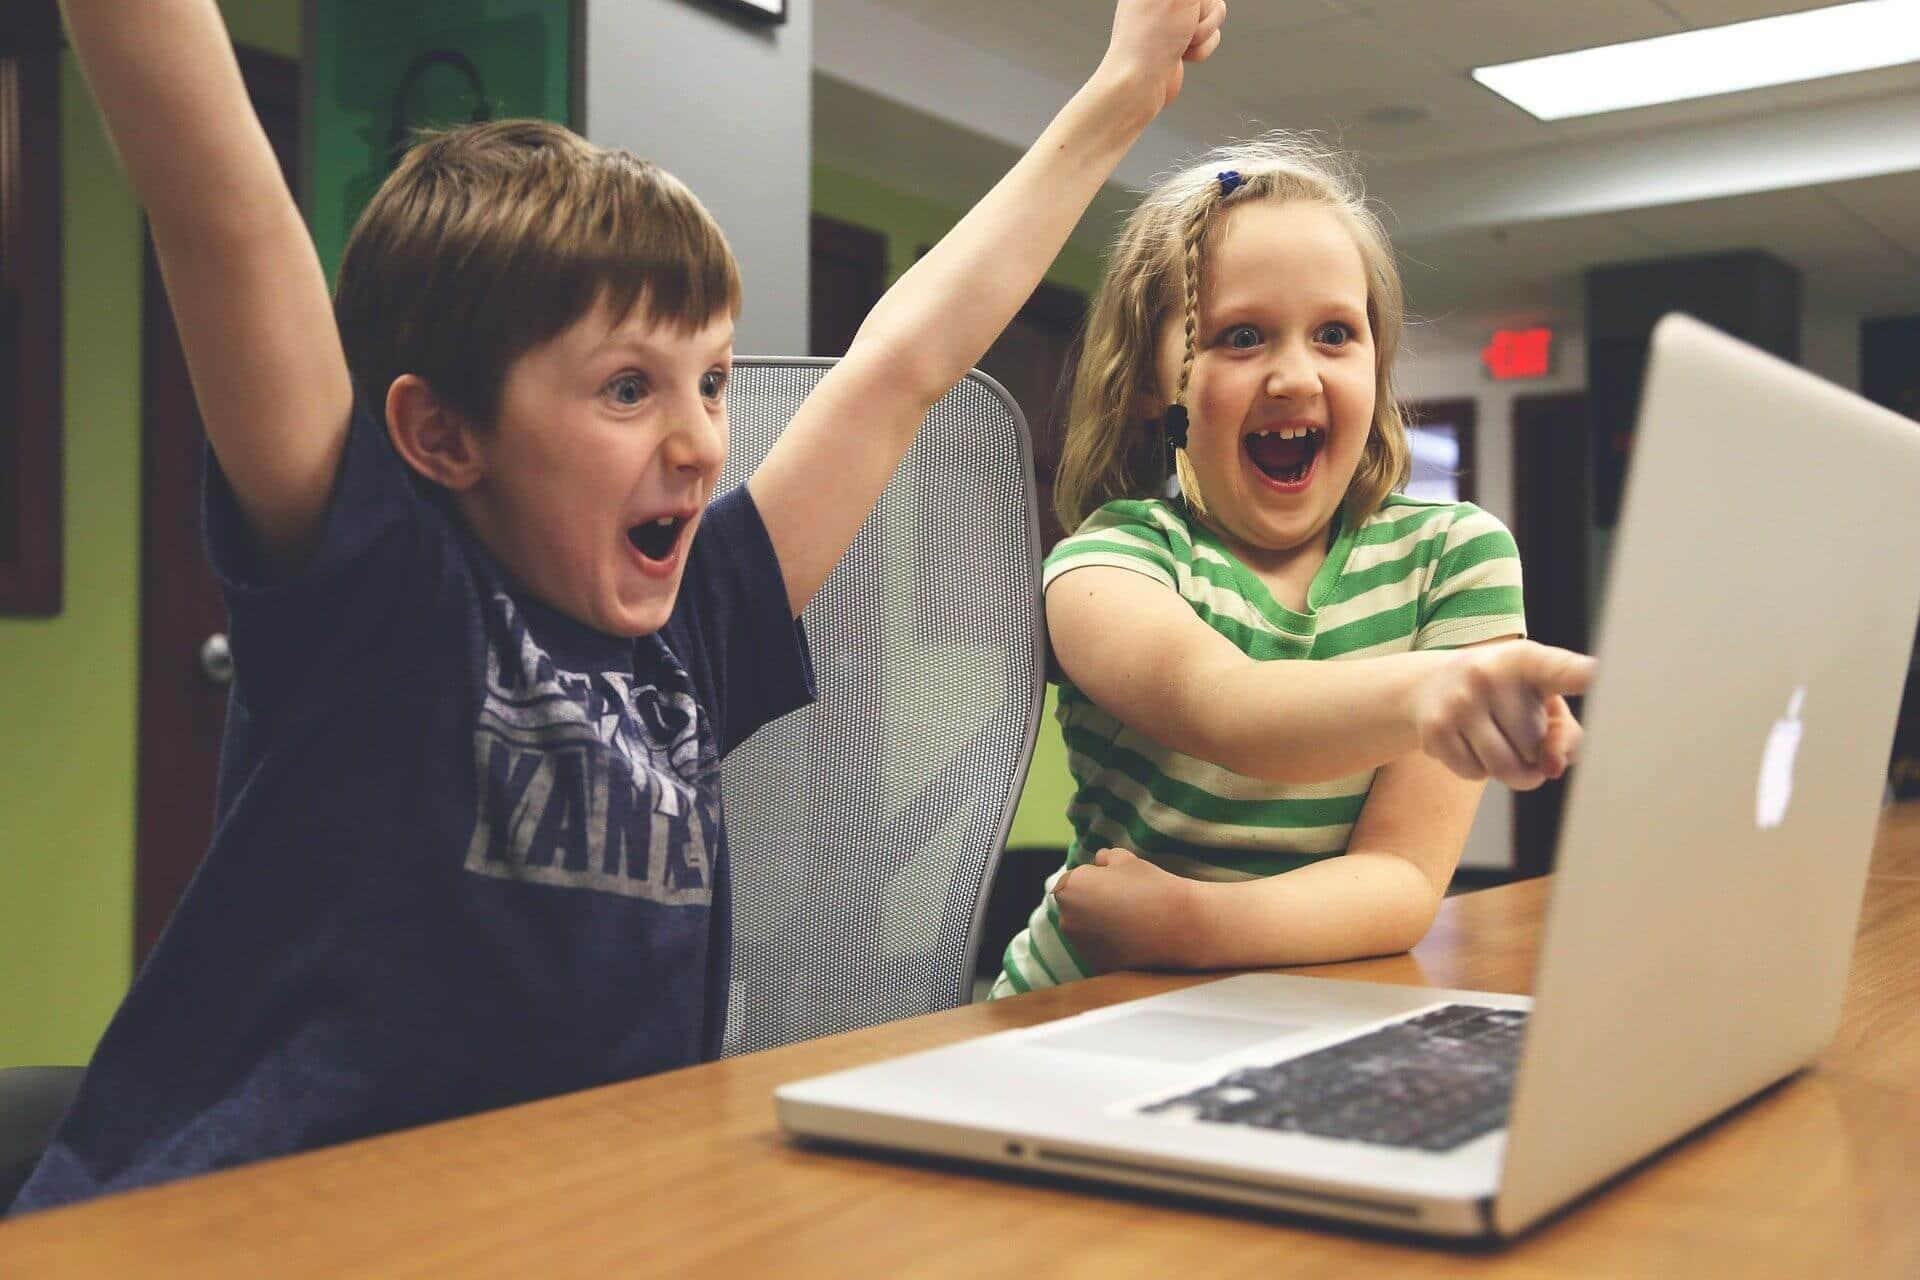 farene med å poste bilder av barn på sosiale medier